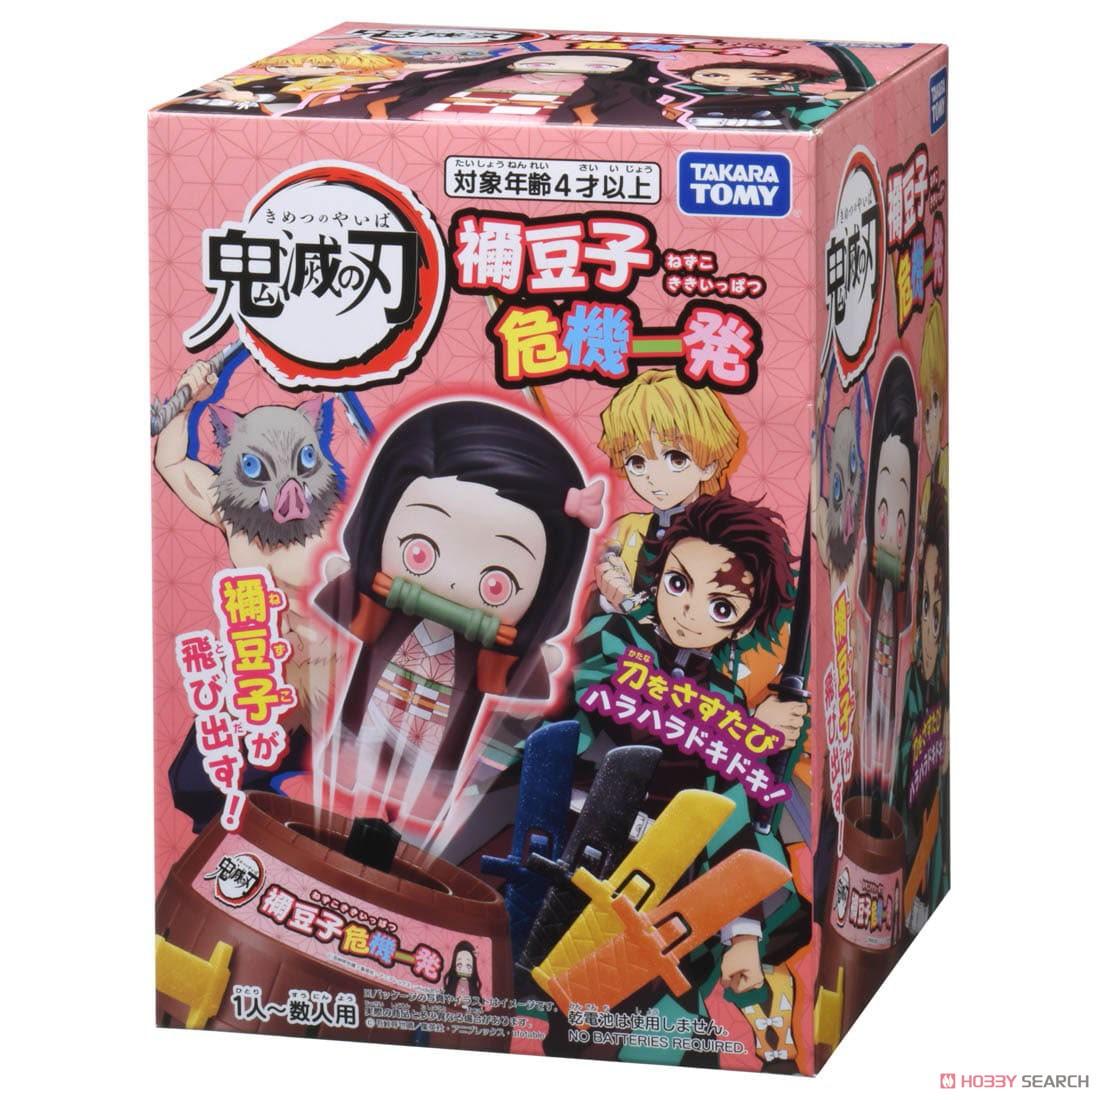 鬼滅の刃『禰豆子危機一発』テーブルゲーム-001